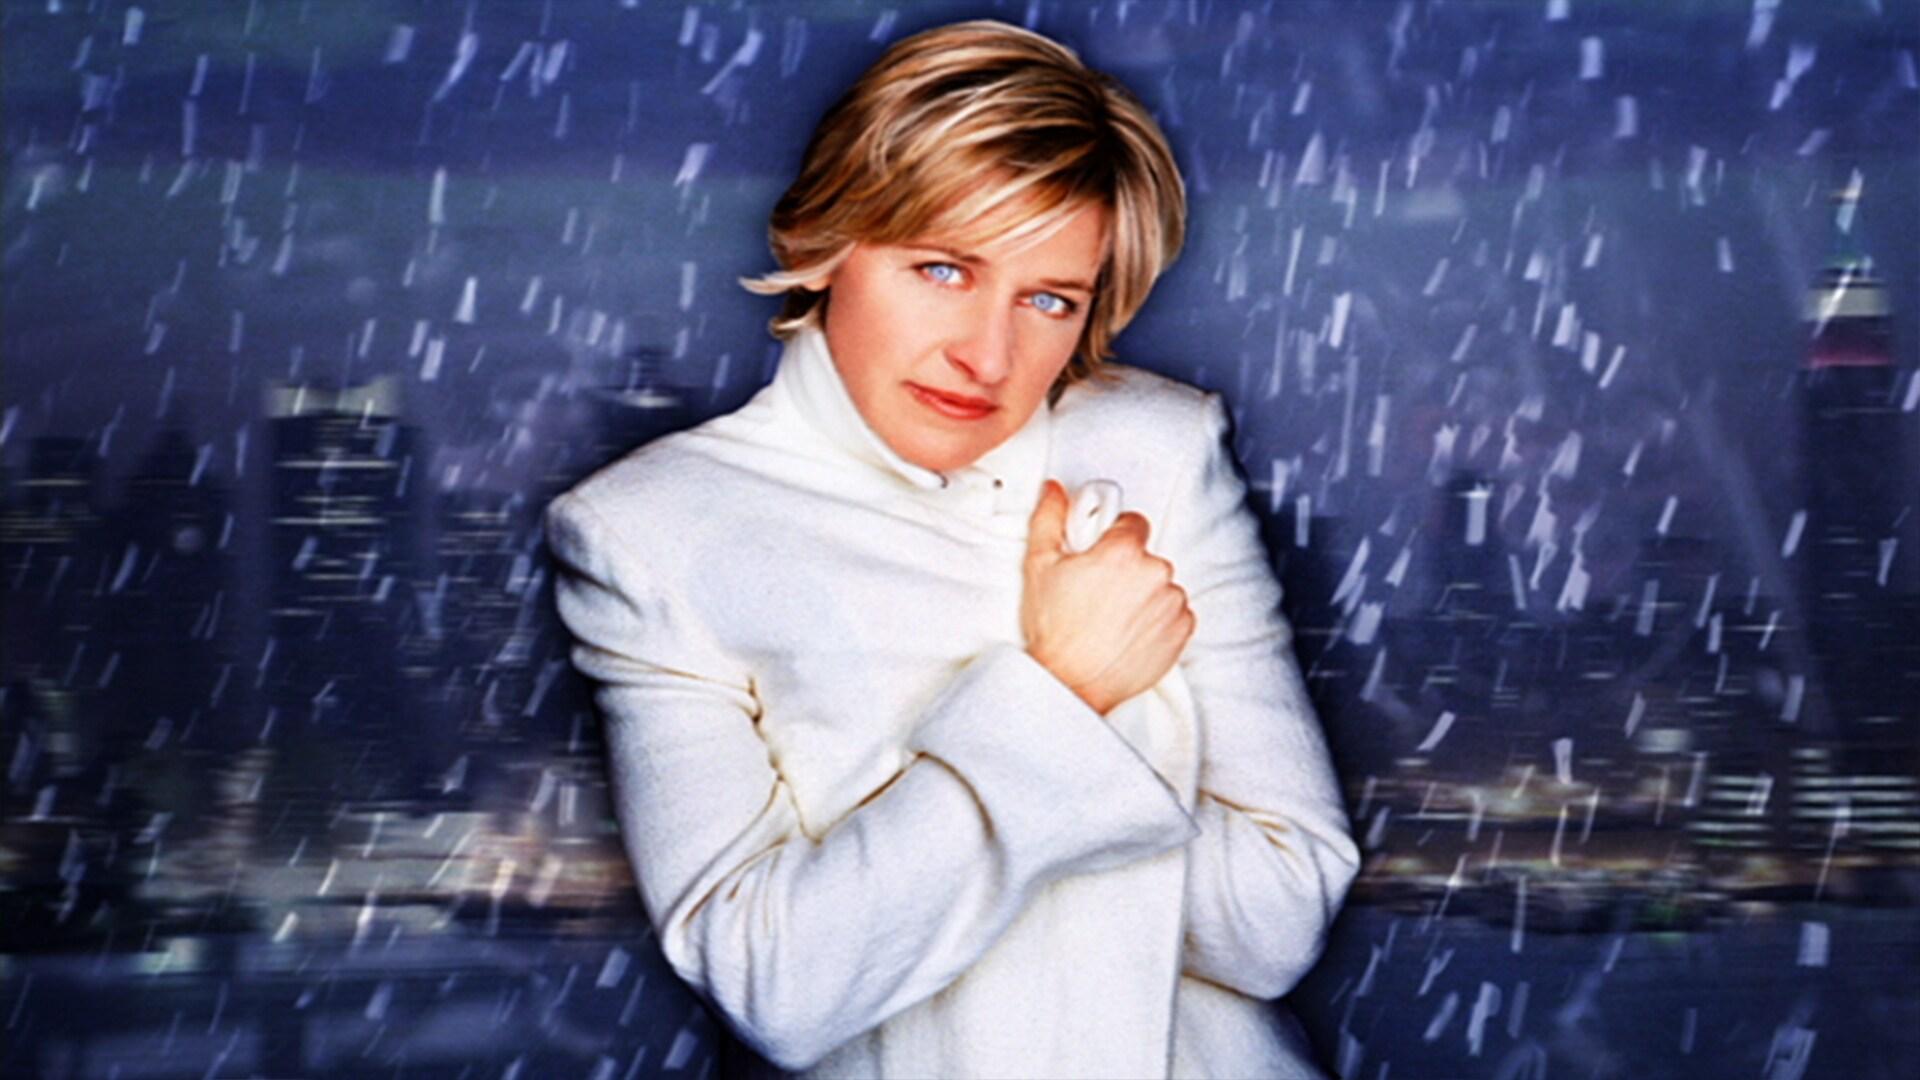 Ellen DeGeneres: December 15, 2001